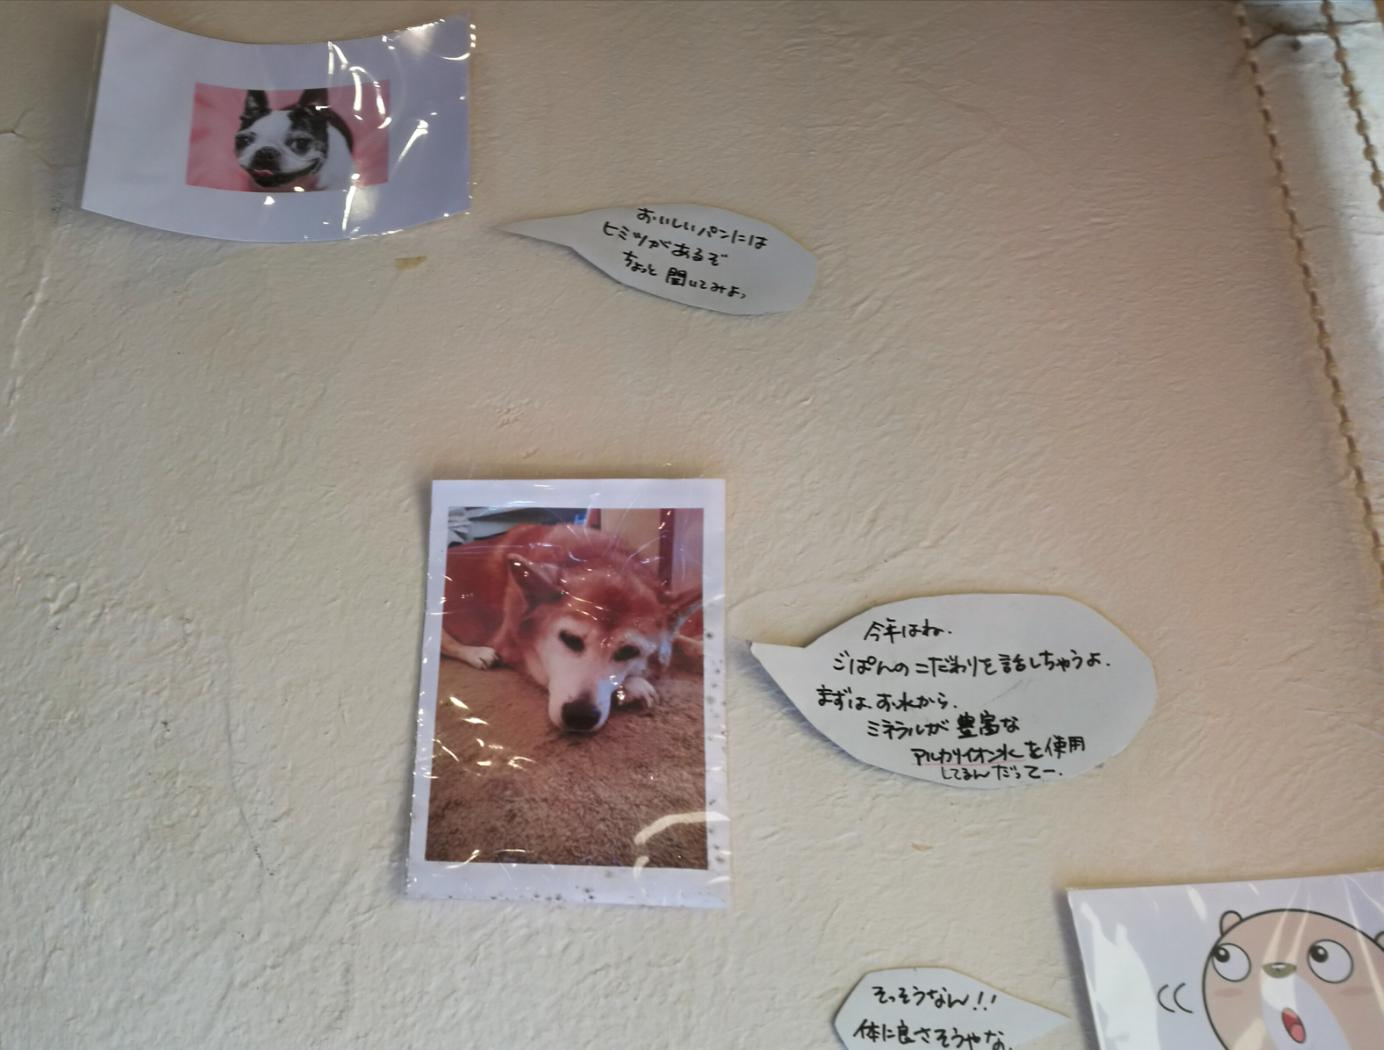 元気パン工房ごぱんの壁面に掲示されたこだわり